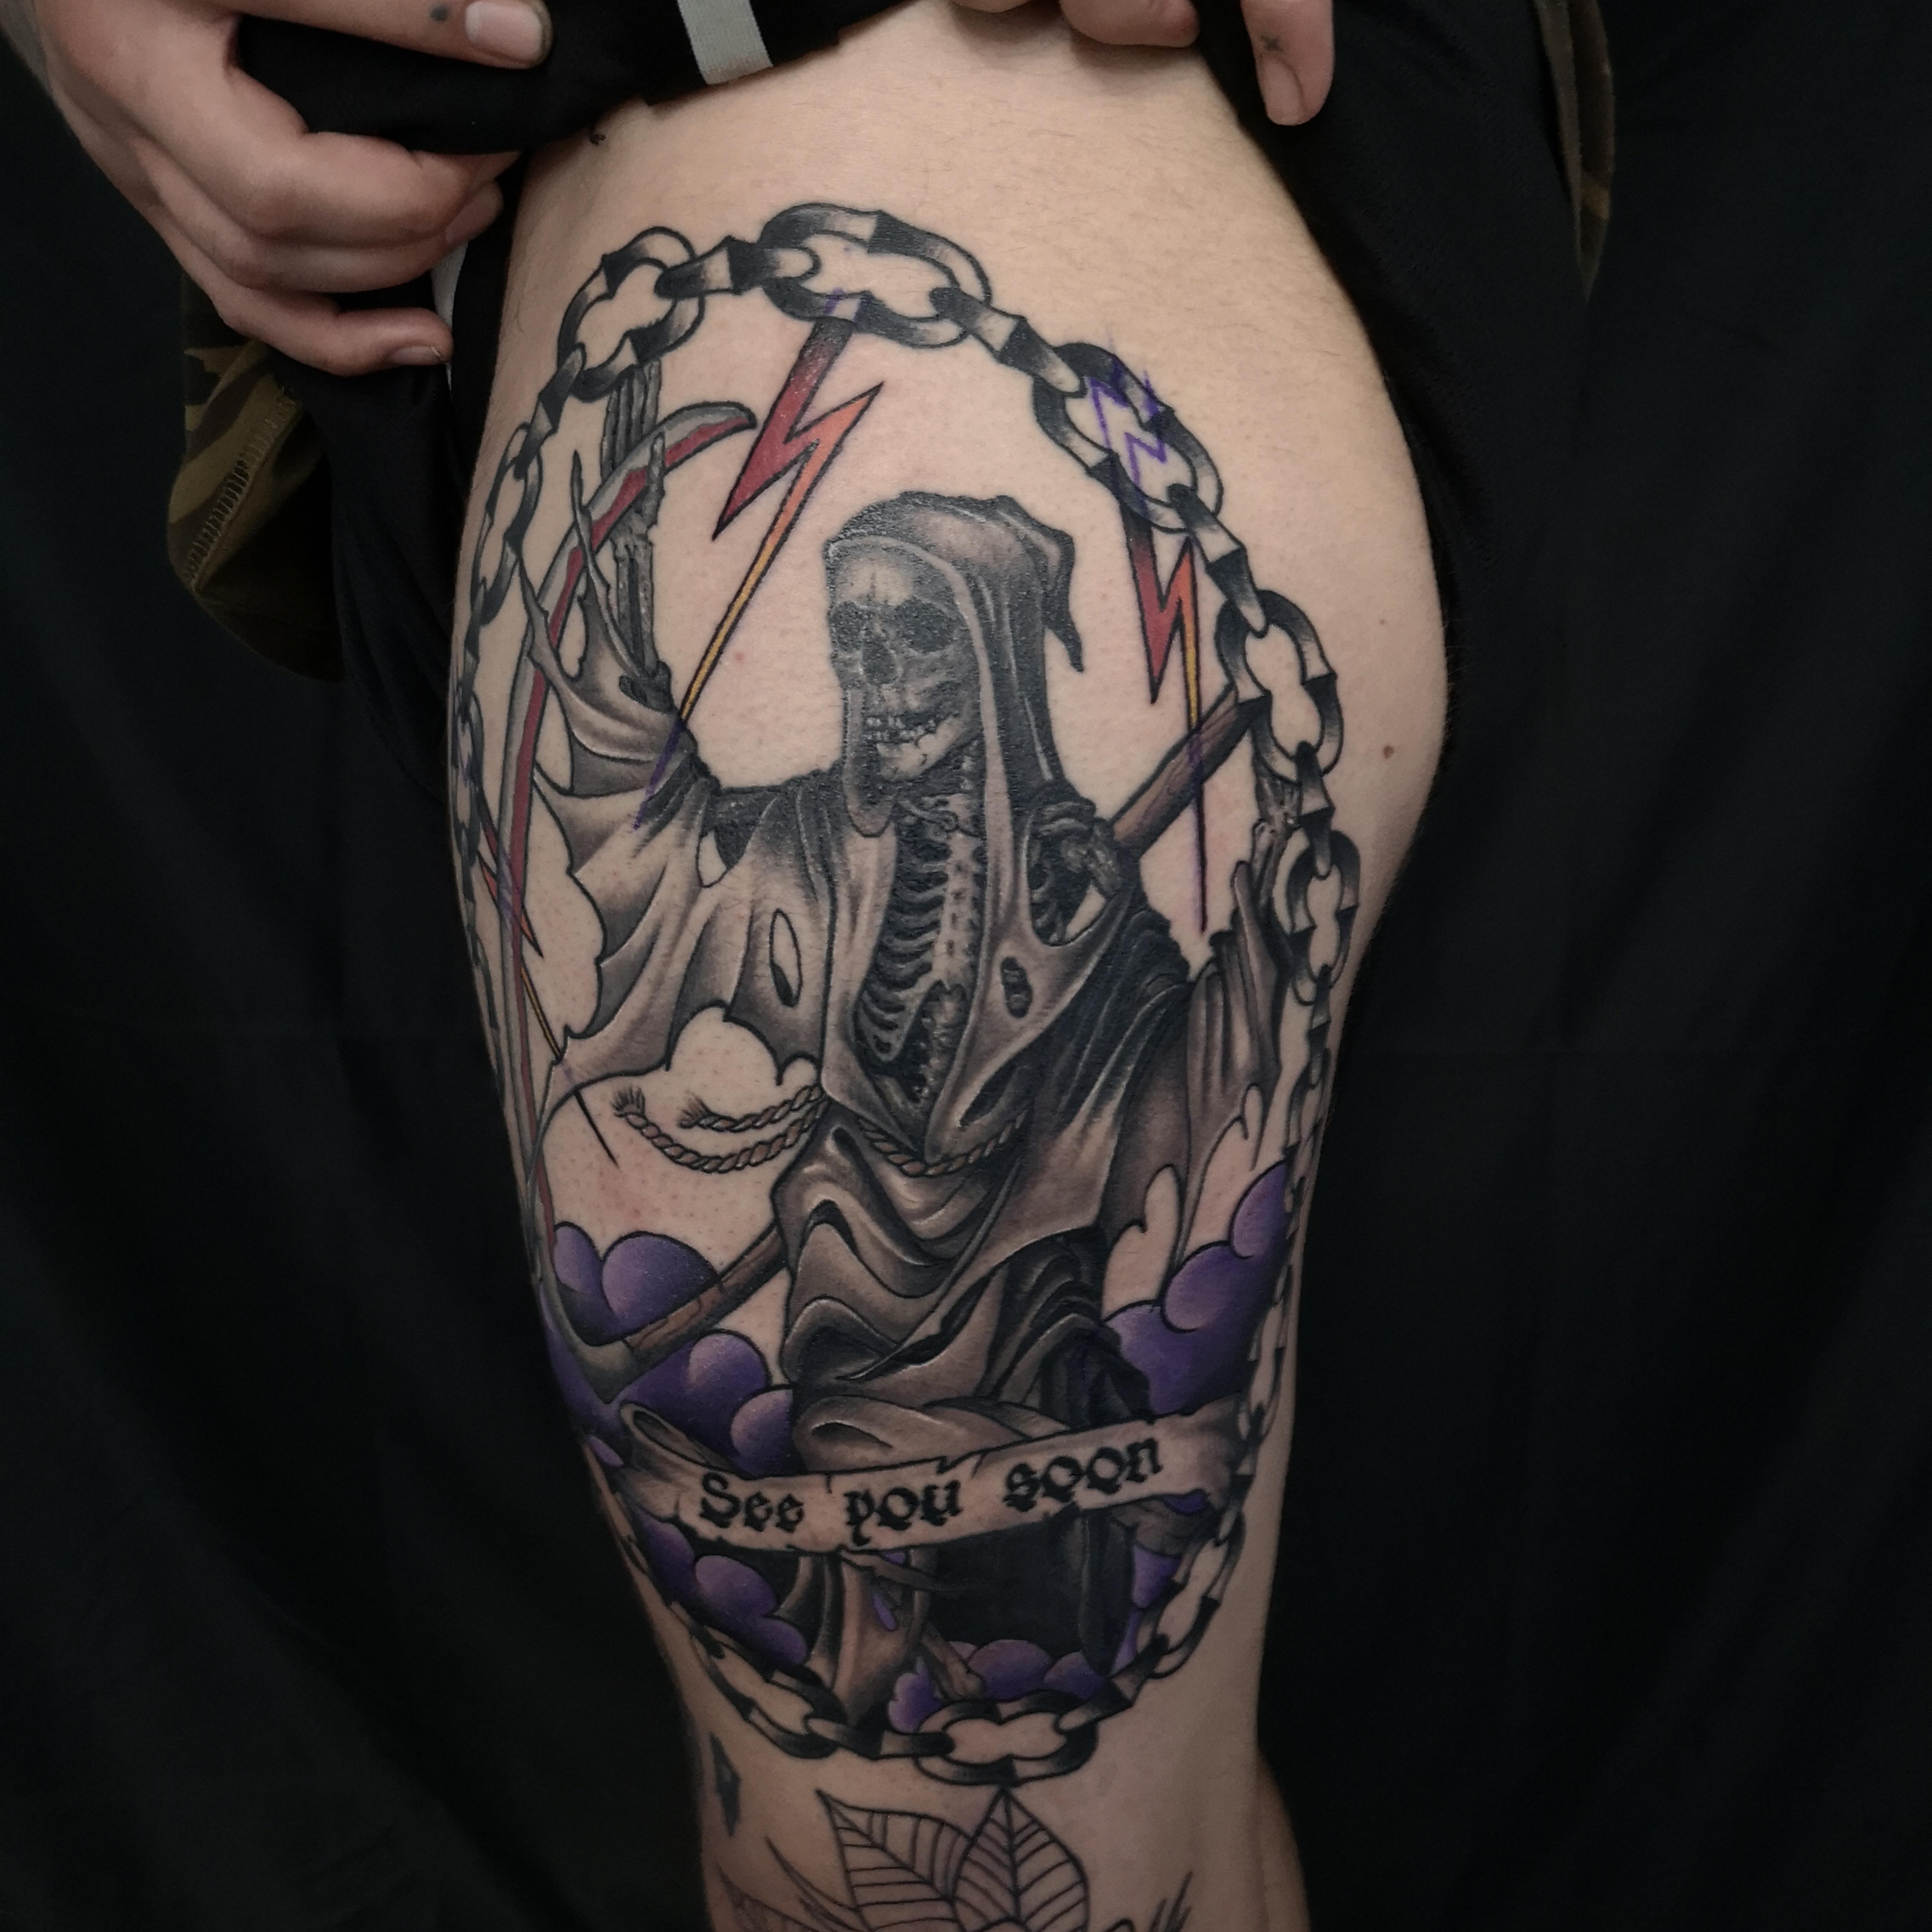 Inksearch tattoo Max